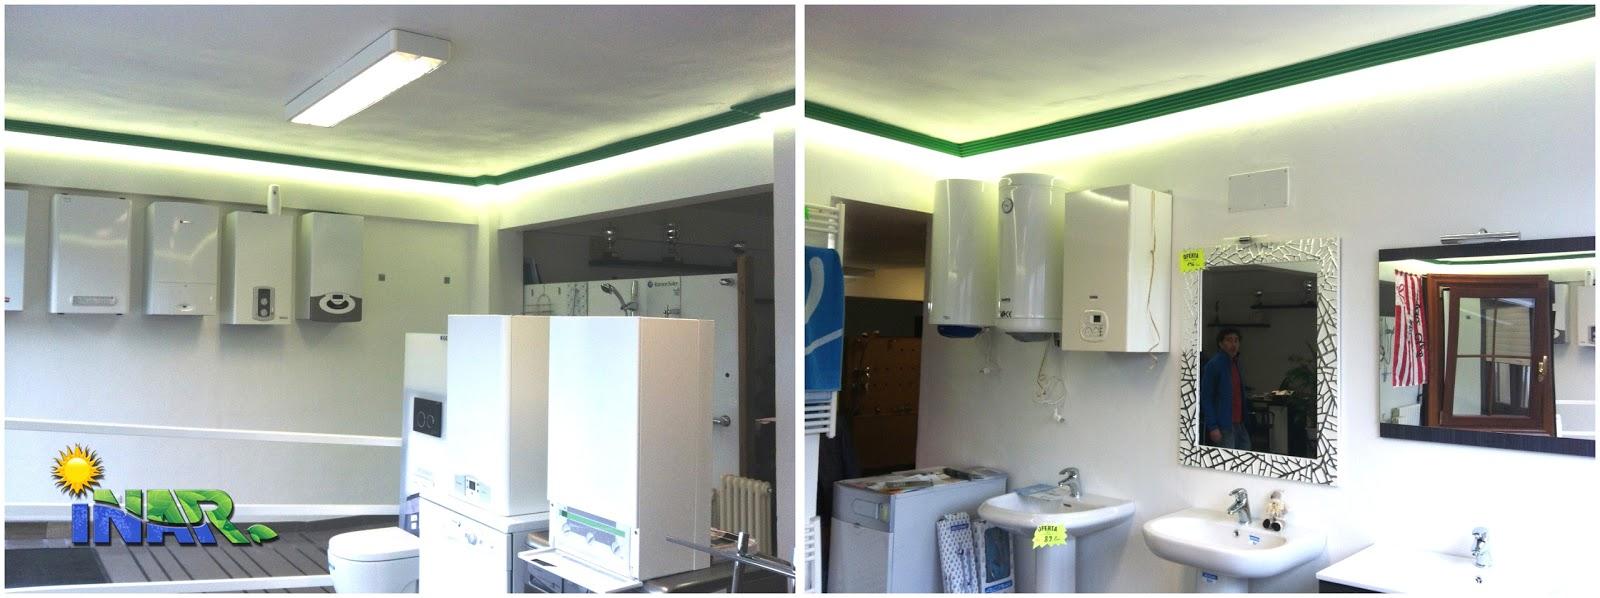 Inar instalaciones el ctricas y autom ticas cornisa con iluminaci n led - Cornisa para led ...